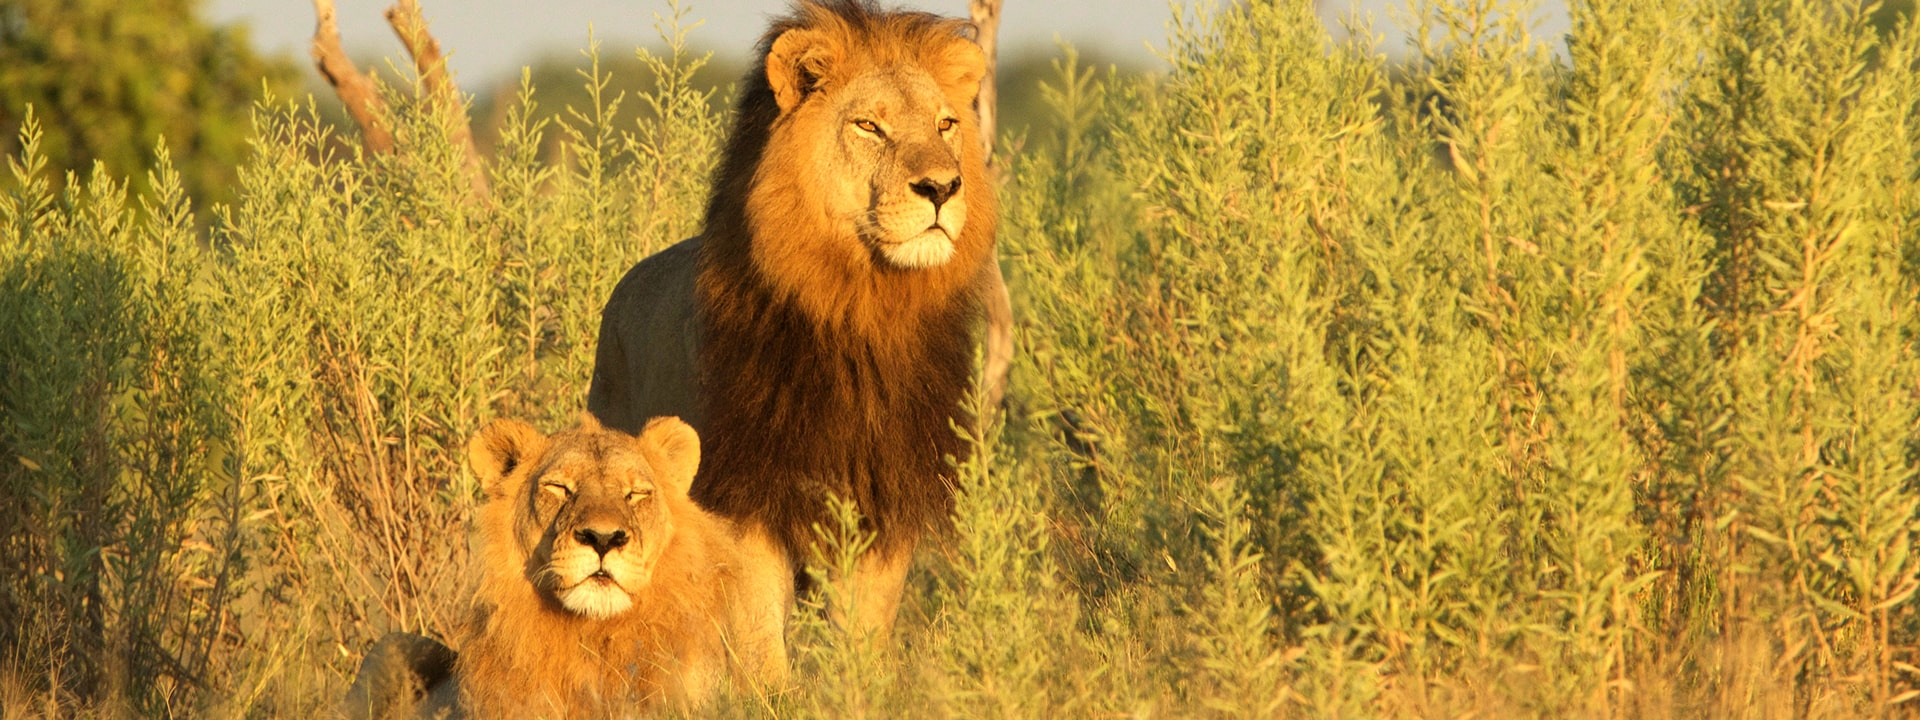 blooming-desert-titel-2-elela-africa-mobile-safari-kalahari-loewe